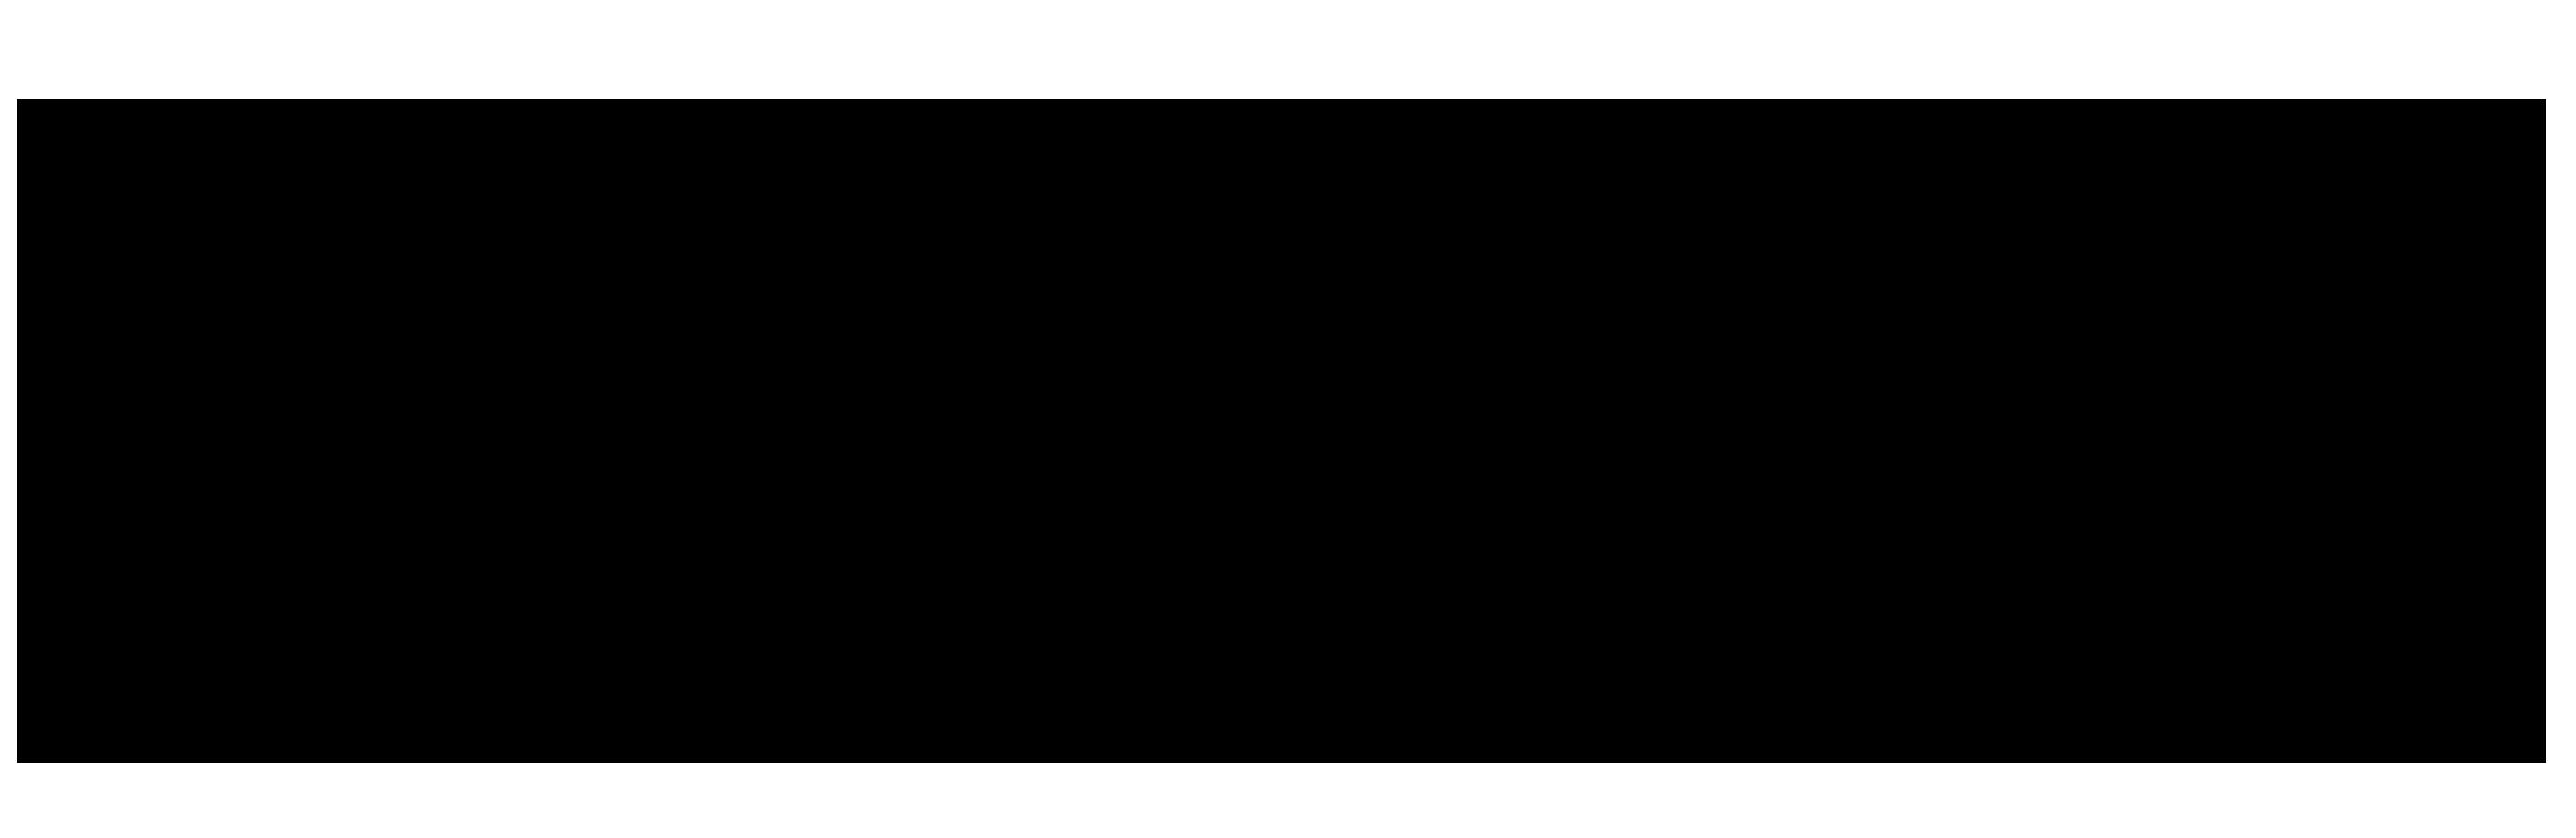 Zanussi – Logos Download